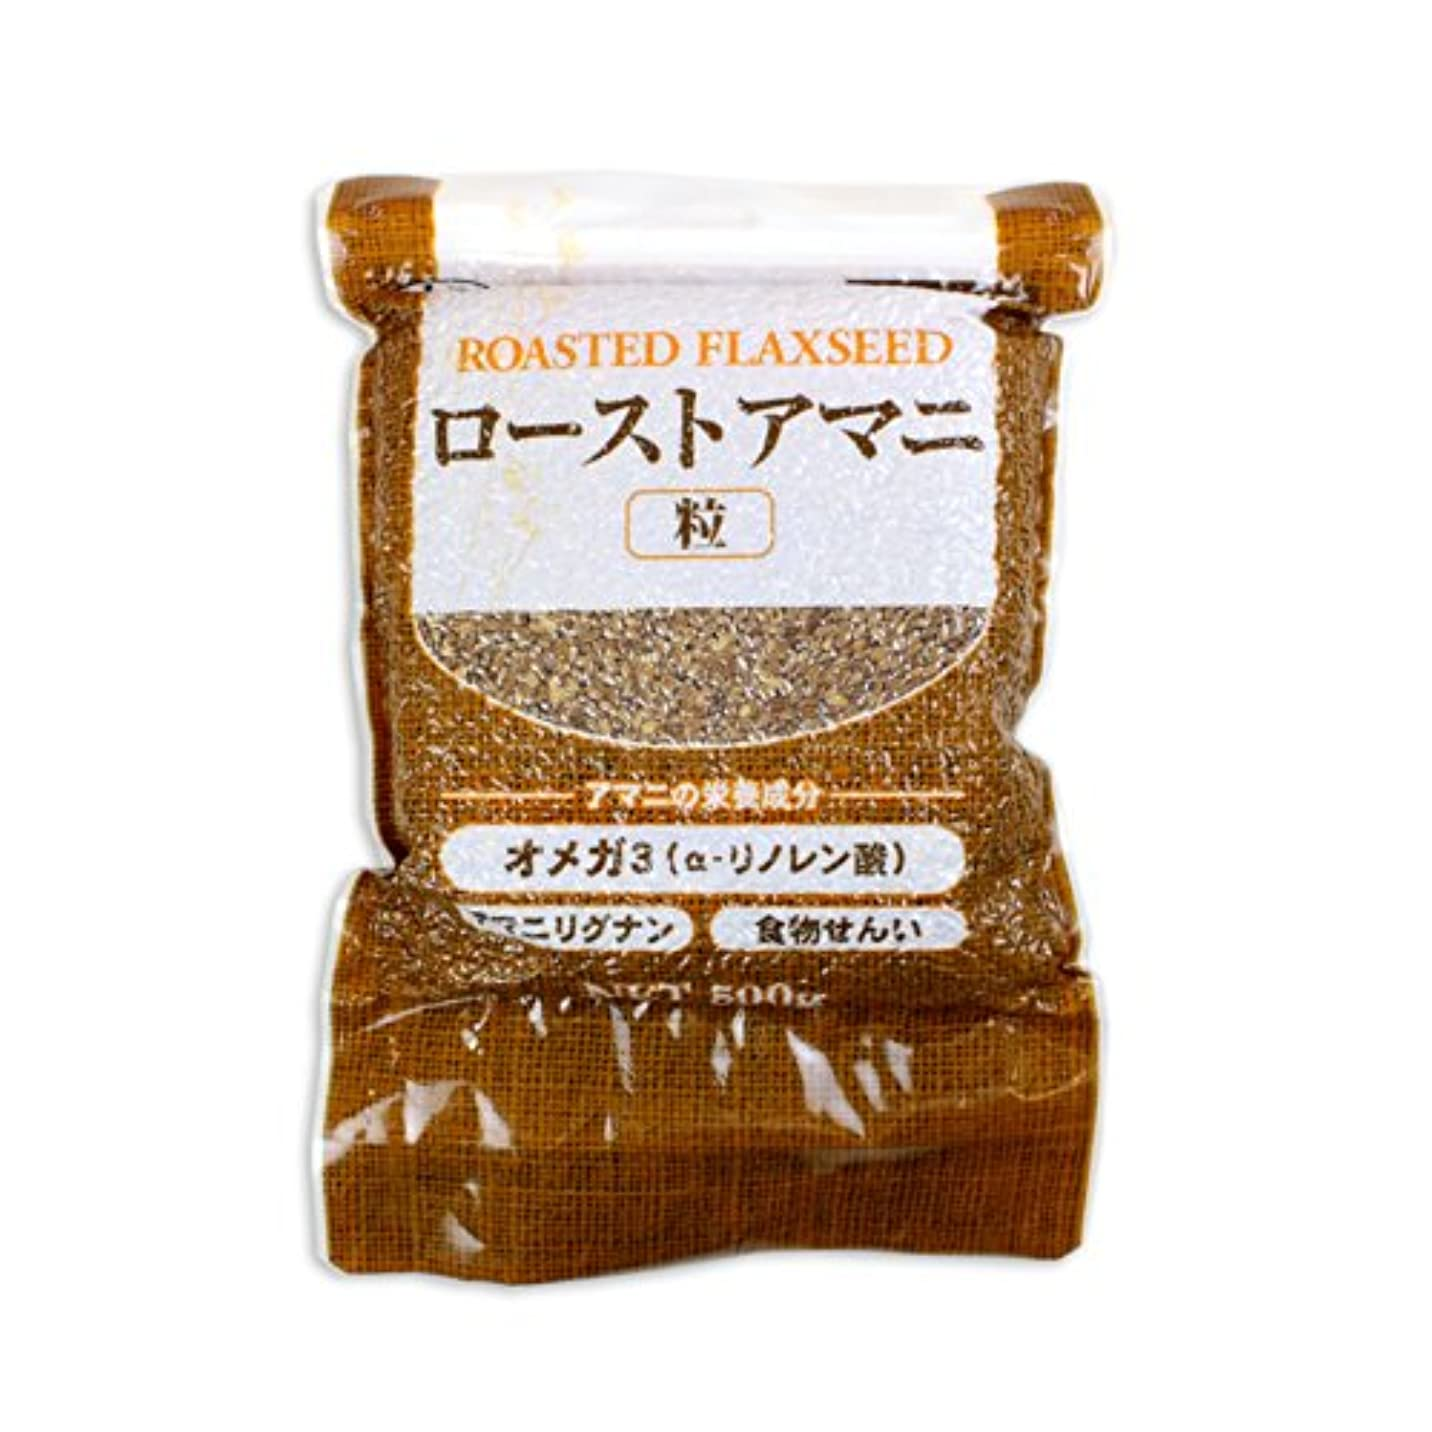 舞い上がる中庭アストロラーベローストアマニ 粒 日本製粉 500g